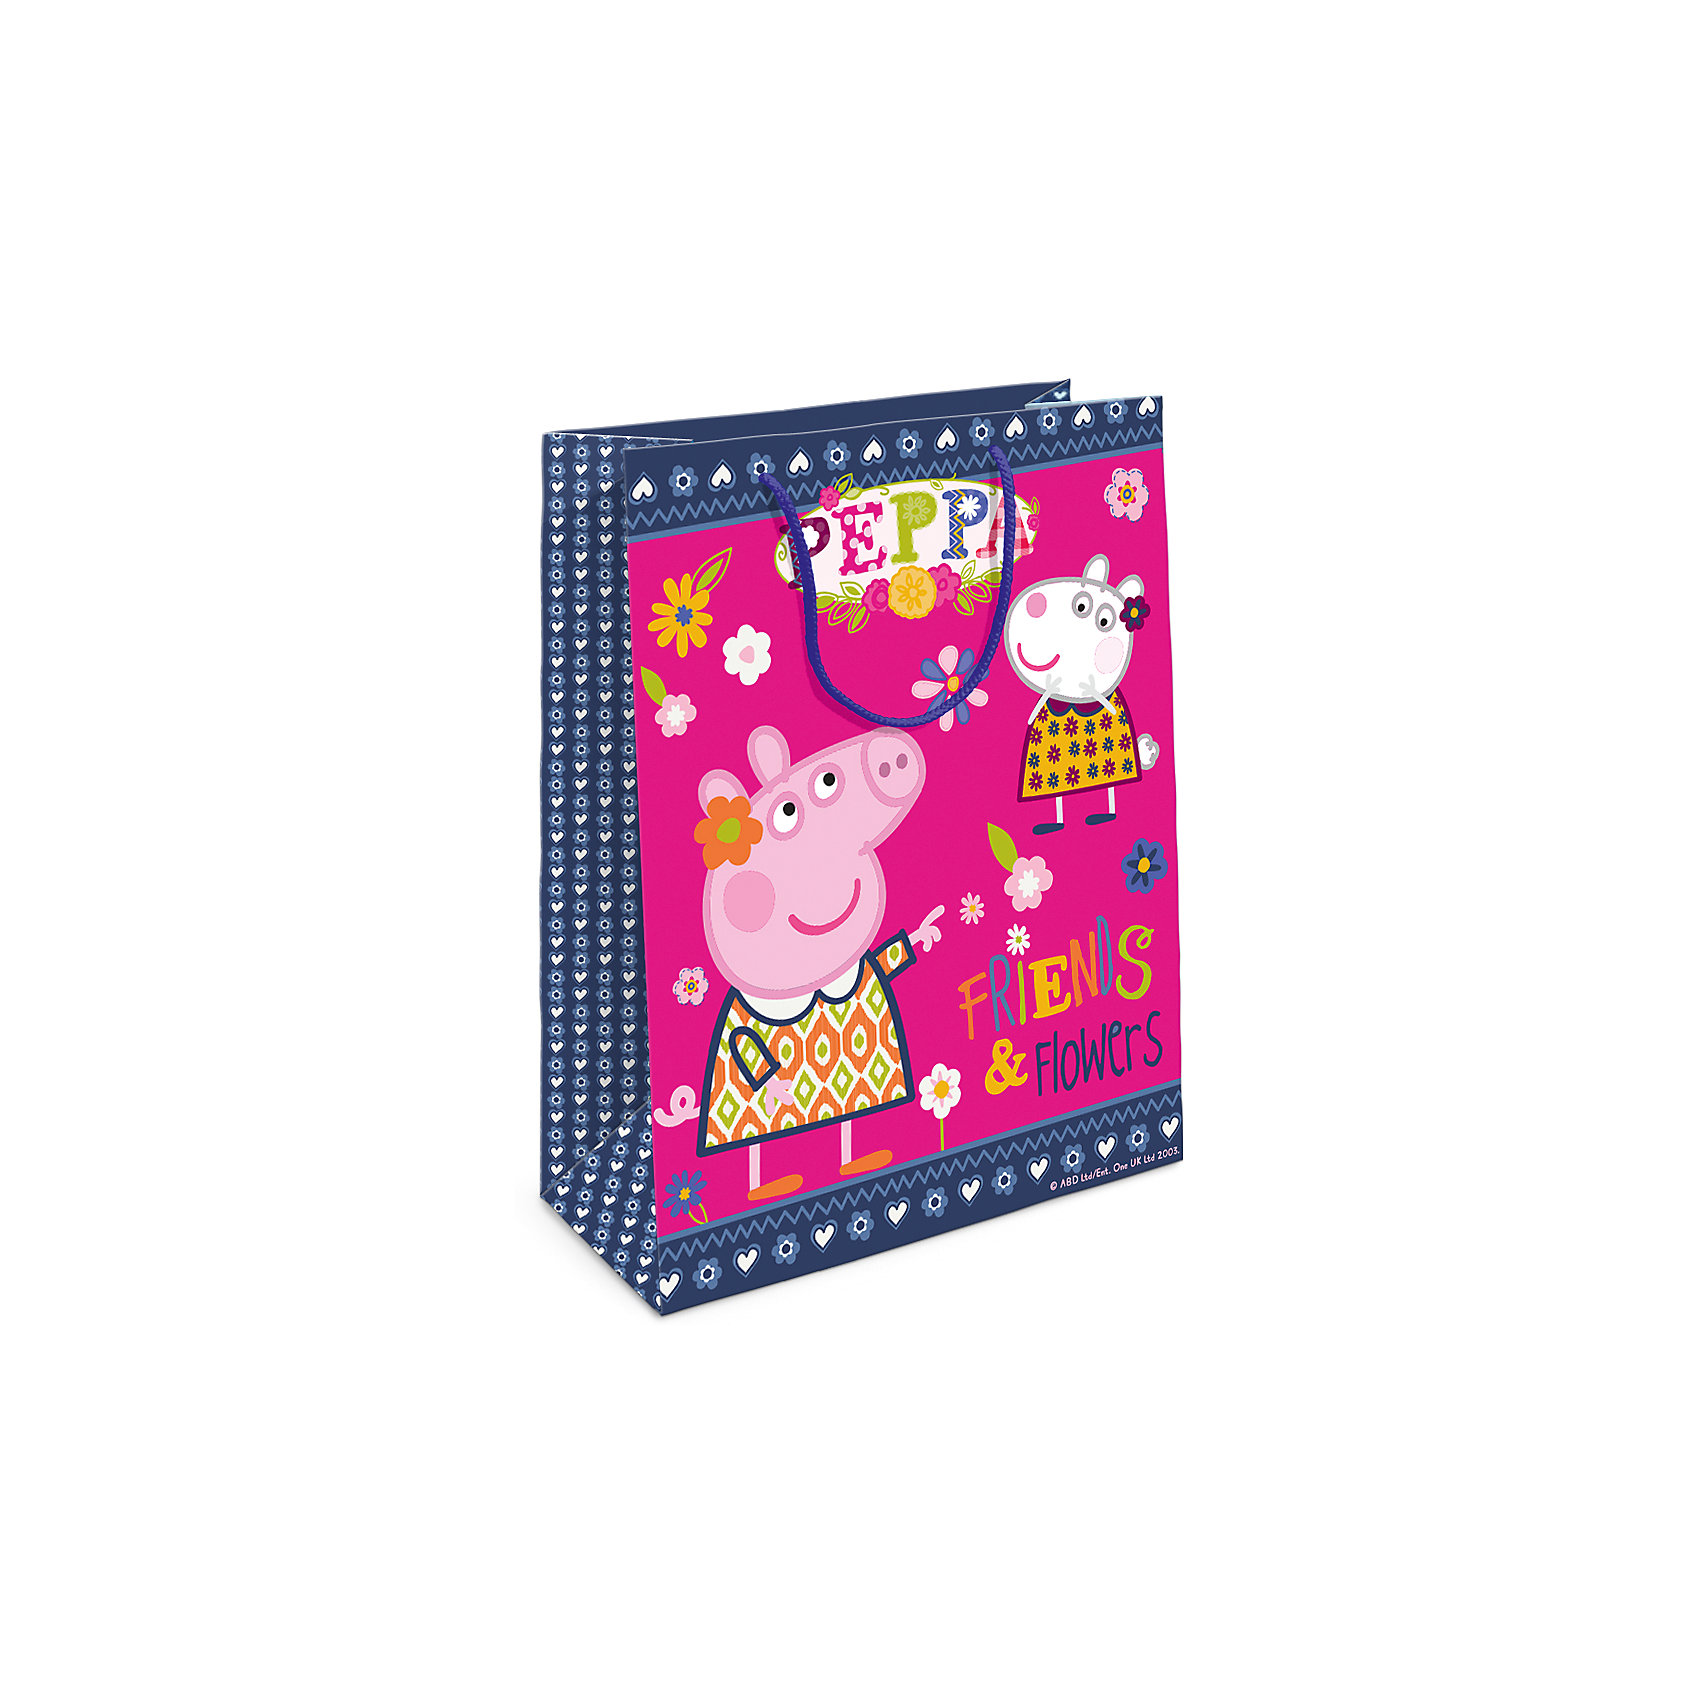 Пакет подарочный  Пеппа и Сьюзи, 35*25*9Всё для праздника<br>Подарочный бумажный пакет «Пеппа и Сьюзи» с очаровательными героями мультфильма «Свинка Пеппа» ярко украсит подарок и обязательно порадует вашу малышку. Размер: 35х25х9 см. В ассортименте вы также сможете найти такой же пакет размером 23х18х10 см.<br><br>Ширина мм: 350<br>Глубина мм: 250<br>Высота мм: 5<br>Вес г: 61<br>Возраст от месяцев: 144<br>Возраст до месяцев: 120<br>Пол: Унисекс<br>Возраст: Детский<br>SKU: 5016446